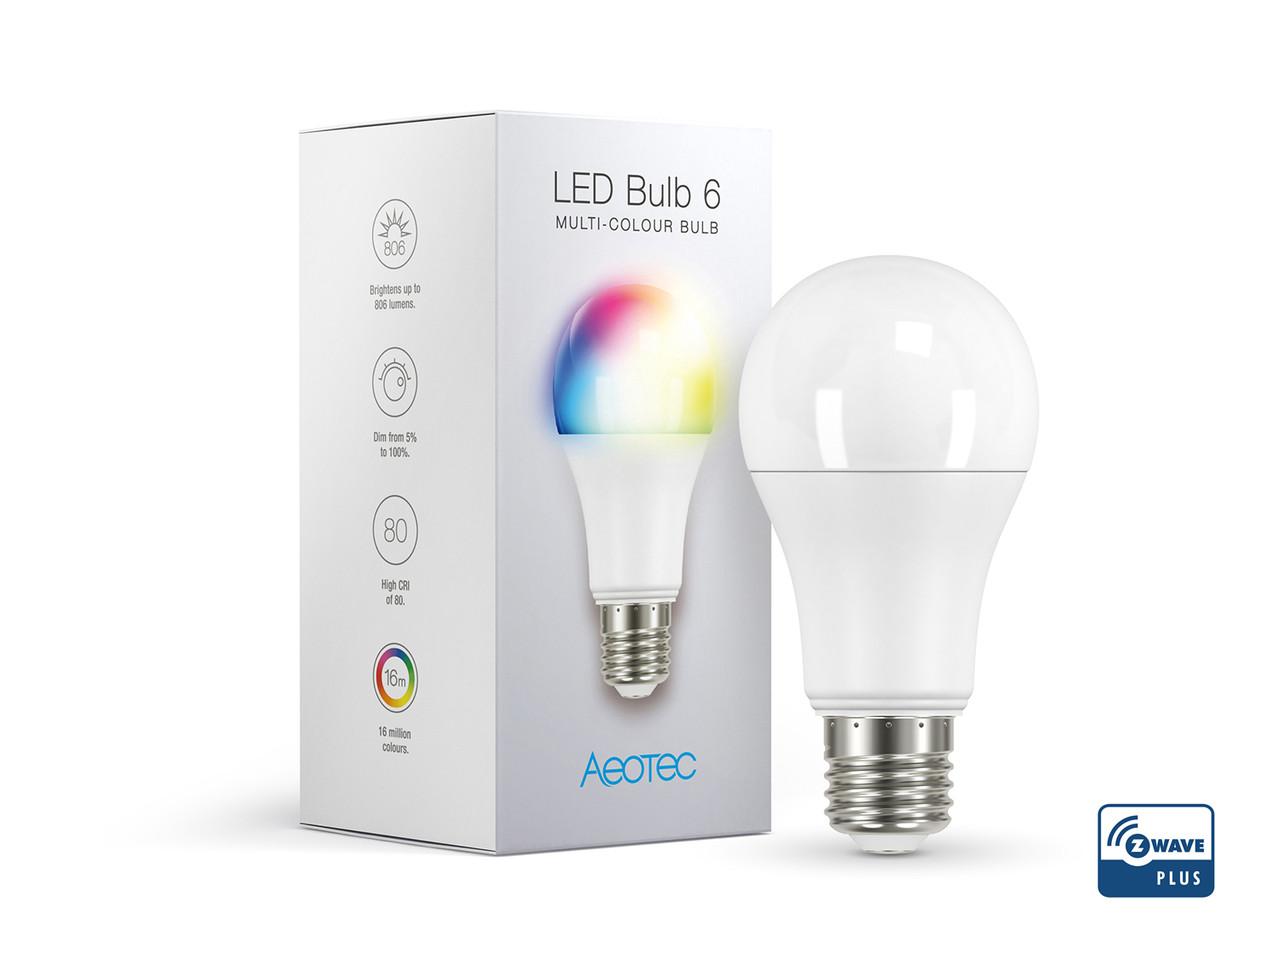 Светодиодная лампа RGBW AEOTEC LED Bulb 6 Multi-Color (E27) — AEOEZWA002